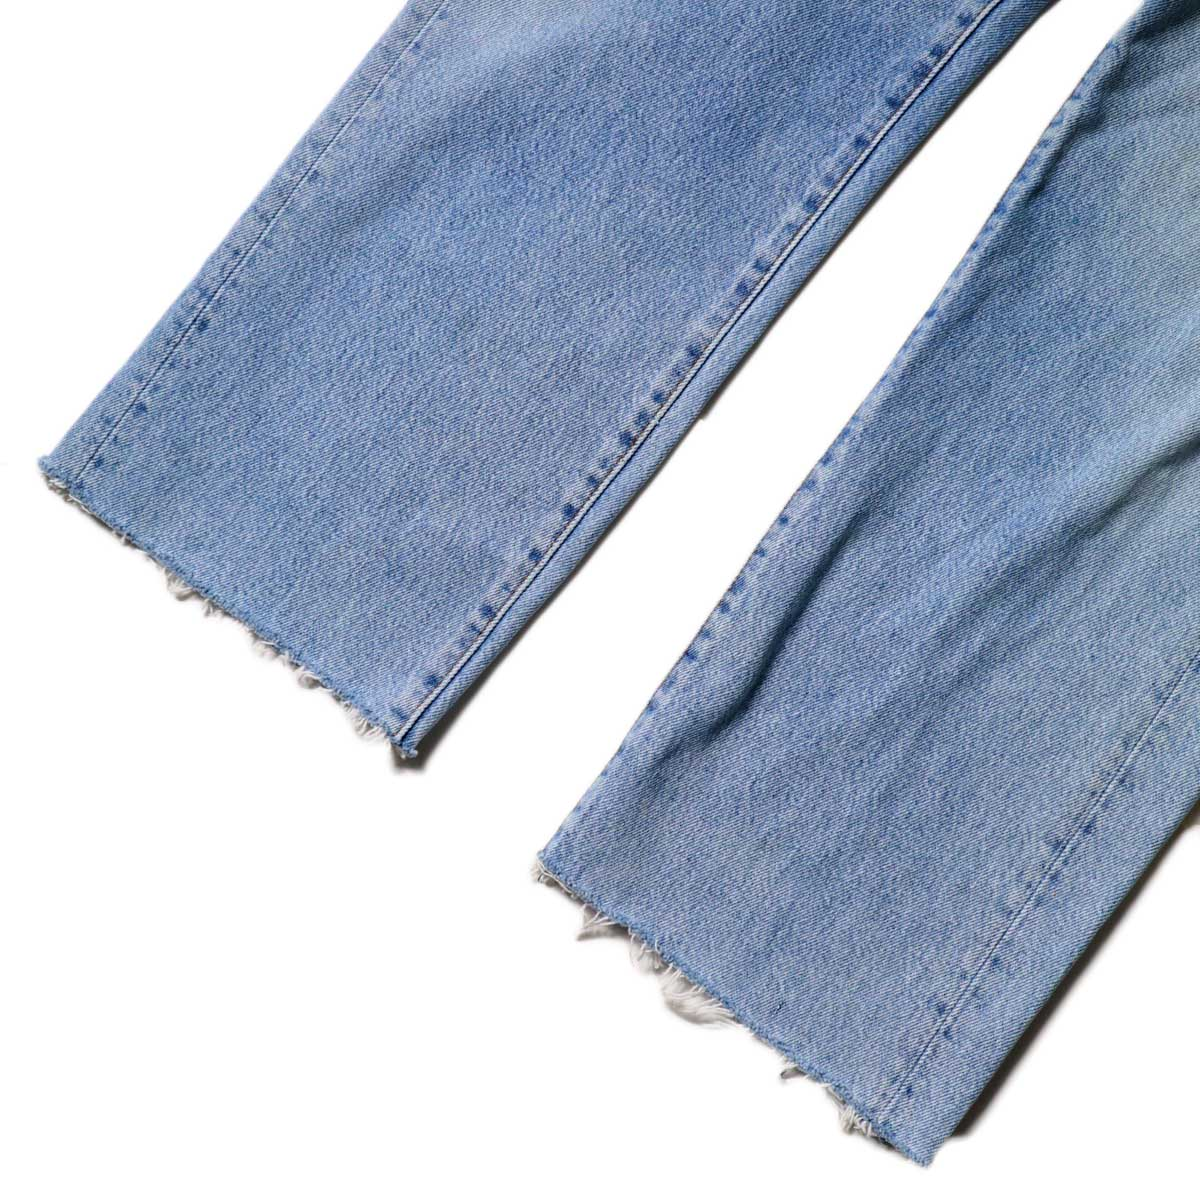 BONUM / BELTED 5P DENIM (30inch) -B 裾